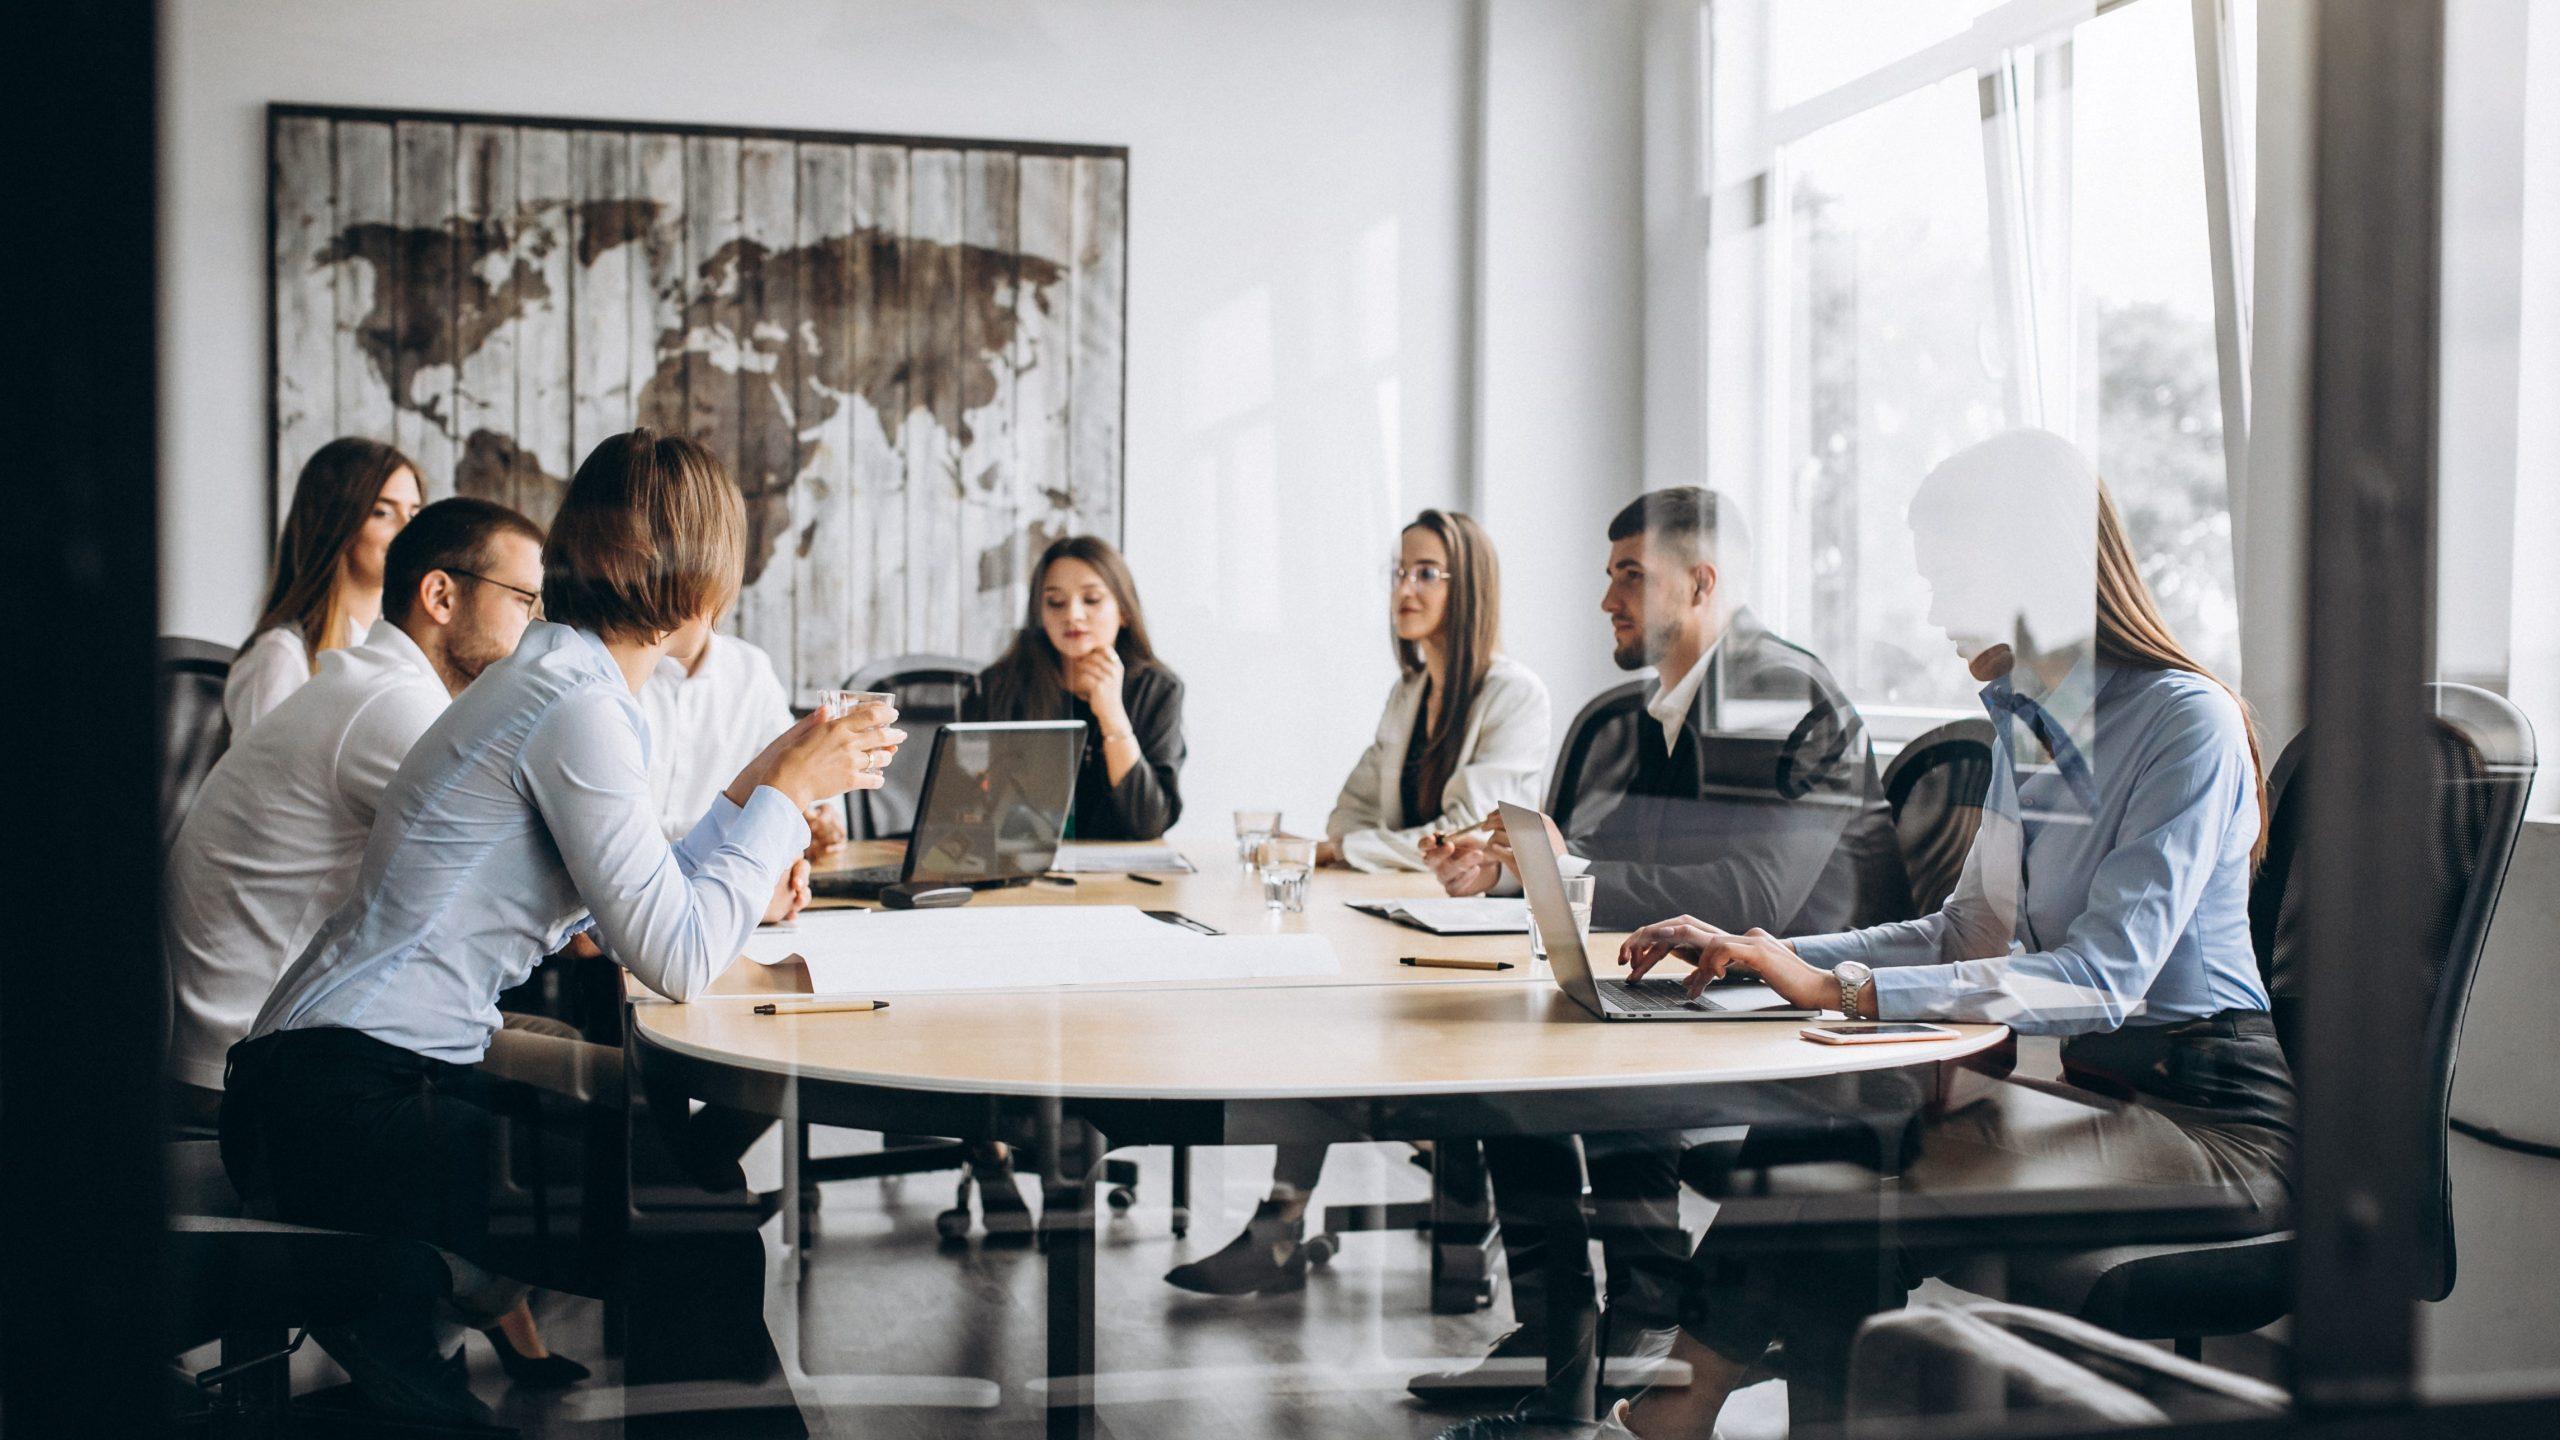 Các cuộc họp có vai trò quan trọng trong xây dựng  chiến lược kinh doanh của doanh nghiệp